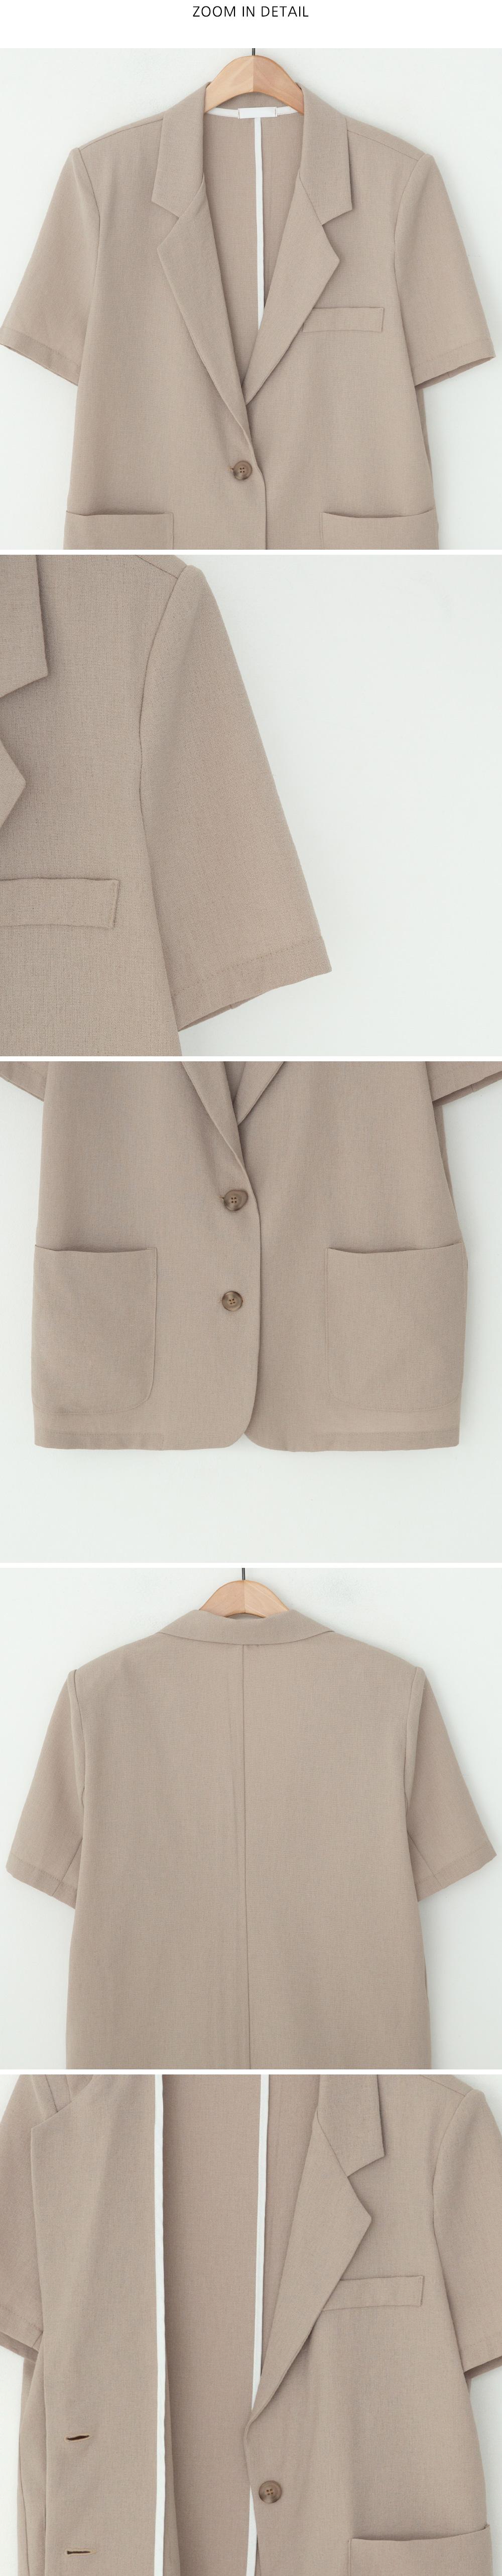 Robben tailored short sleeve jacket